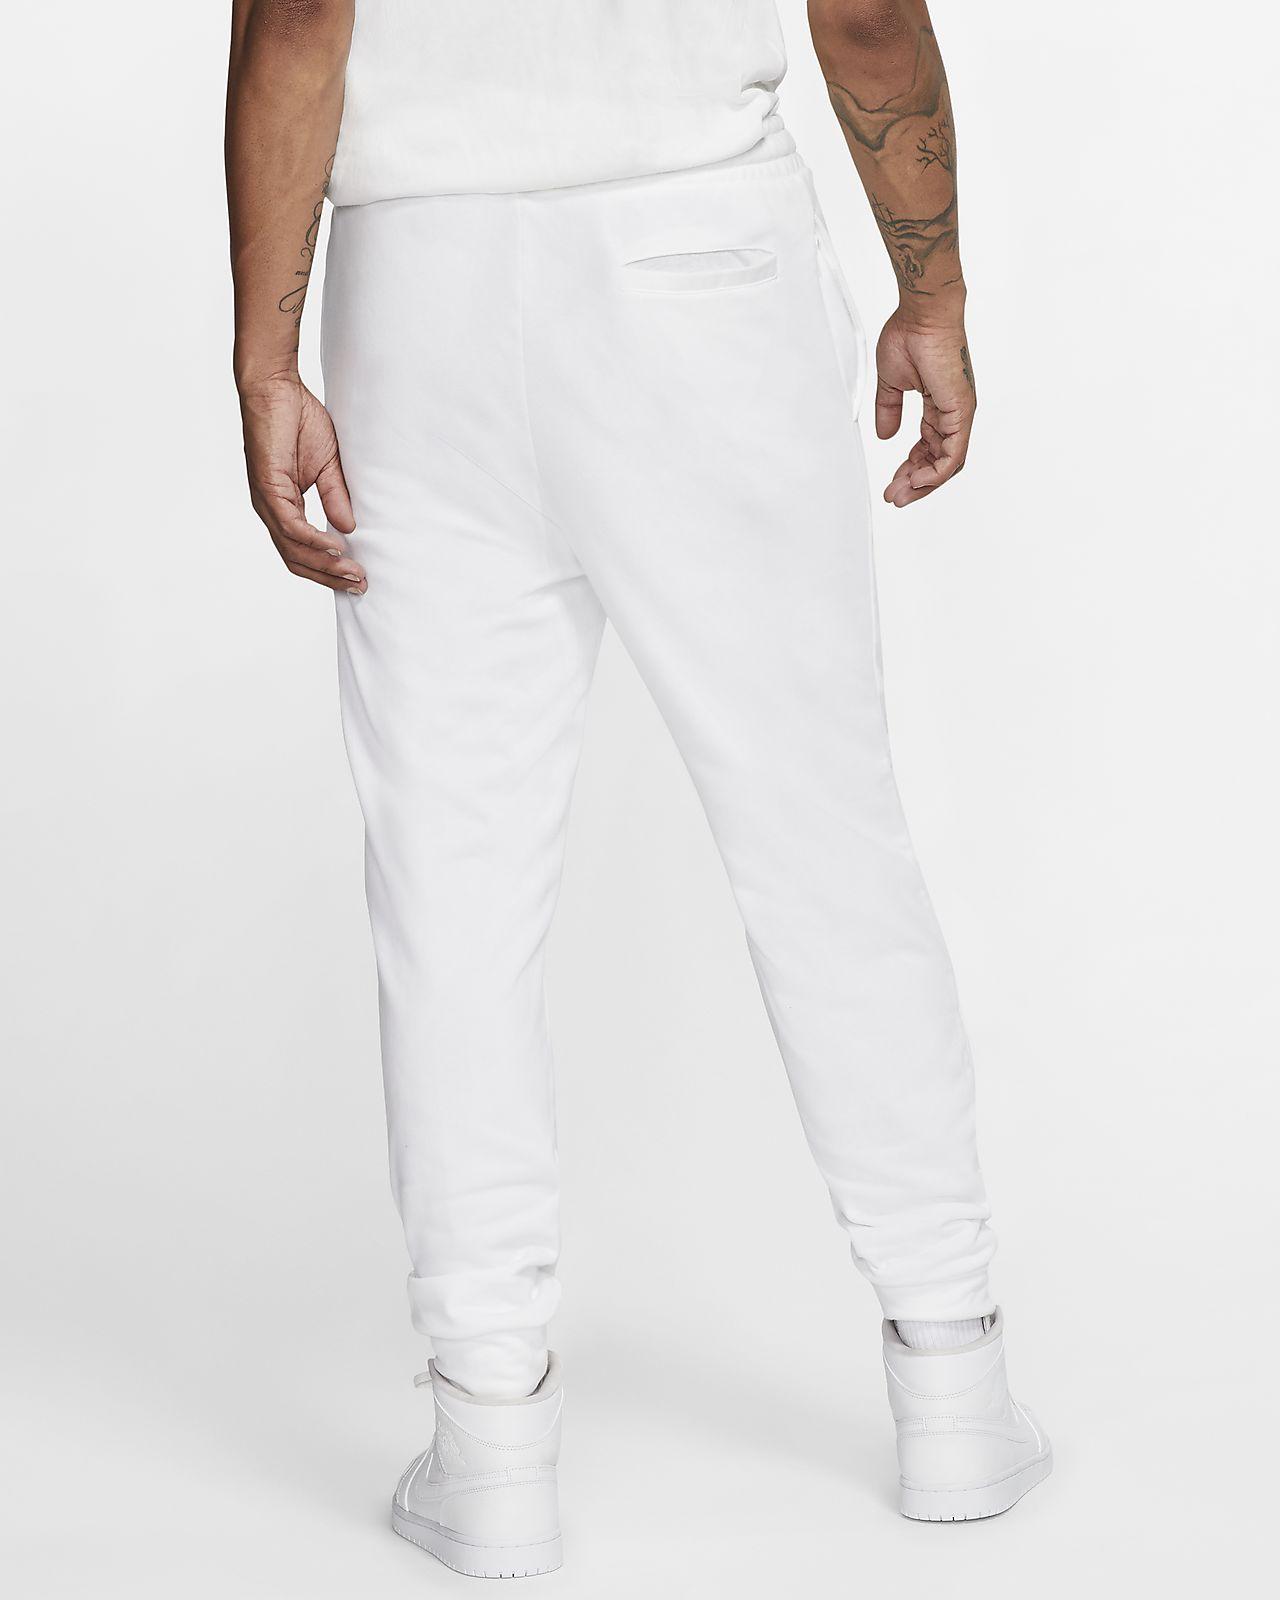 pantaloni nike leggeri